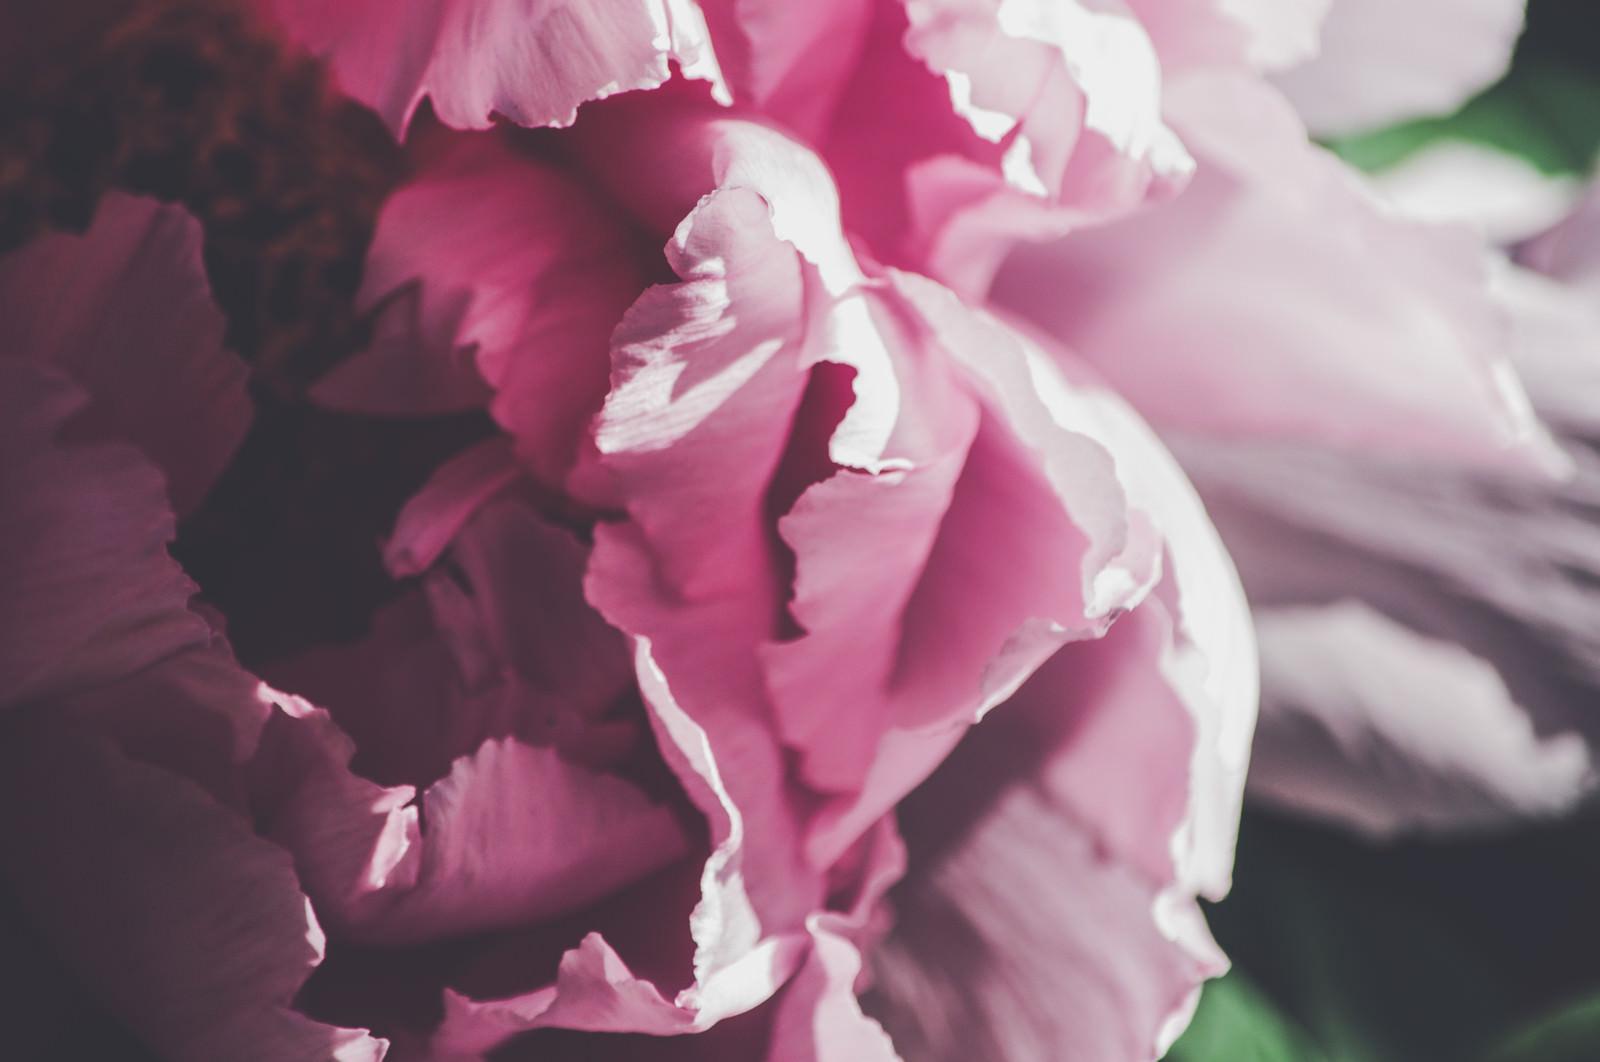 「牡丹の花びら」の写真